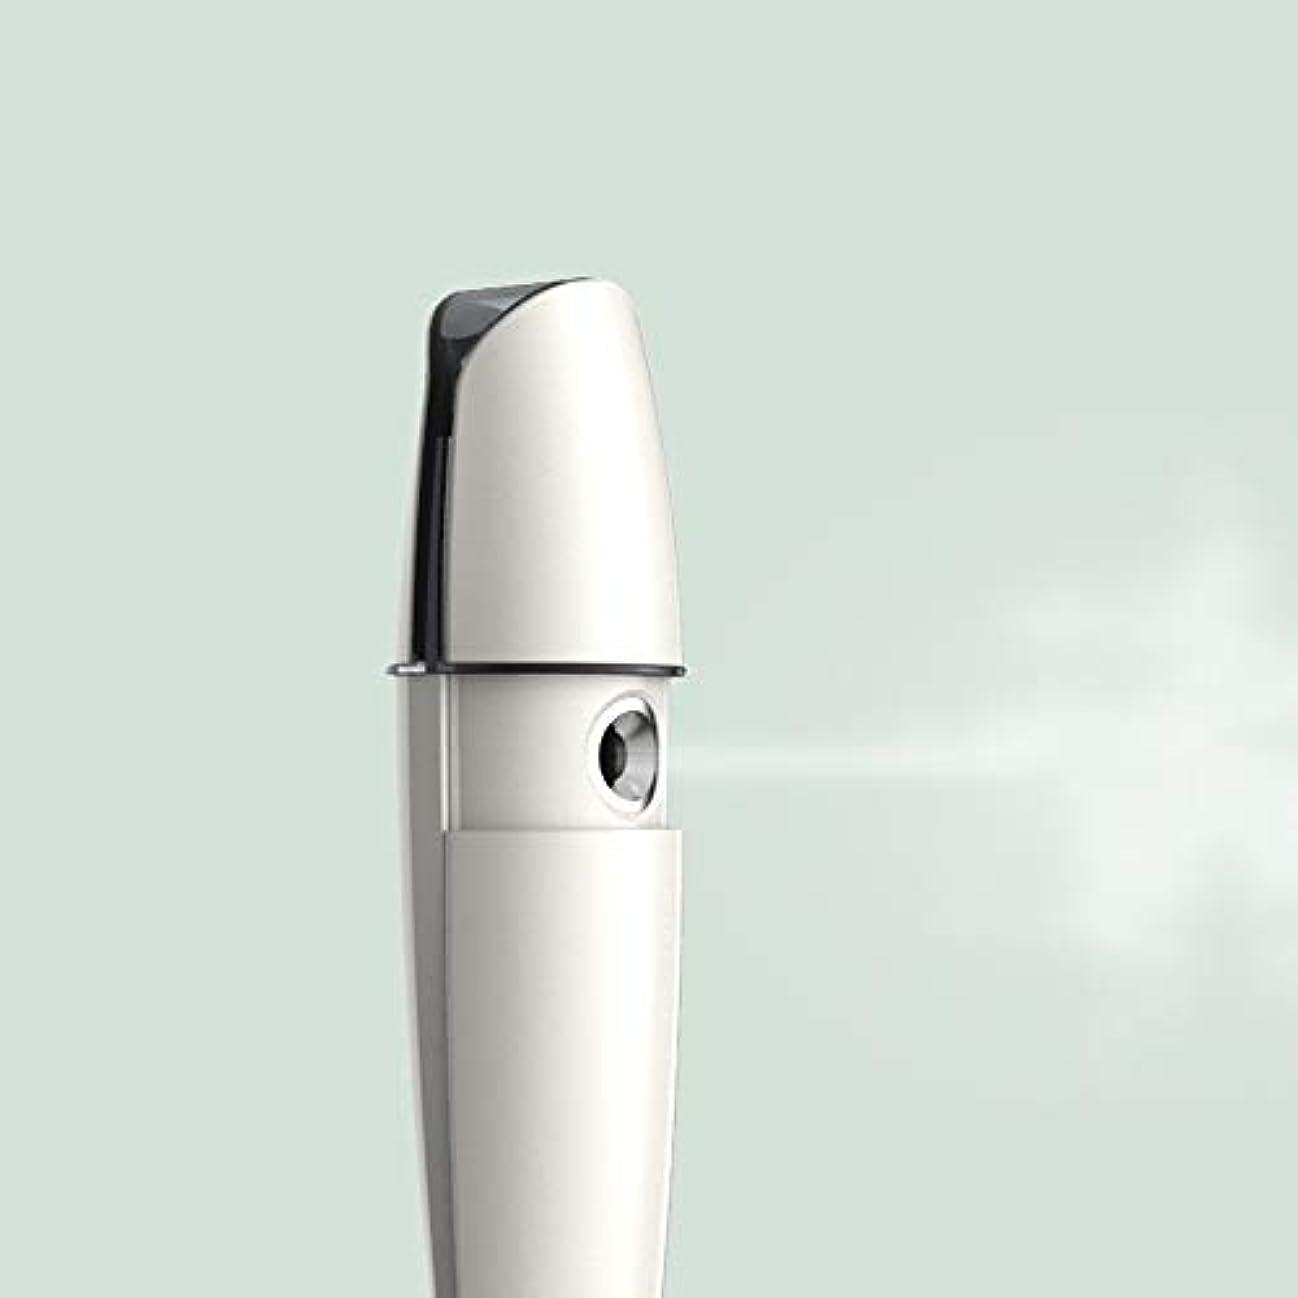 リムより多いキャリッジZXF 充電式コールドスプレー機家庭用スチームフェイス美容機器ナノスプレーフェイス加湿水道メーターホワイトABS素材 滑らかである